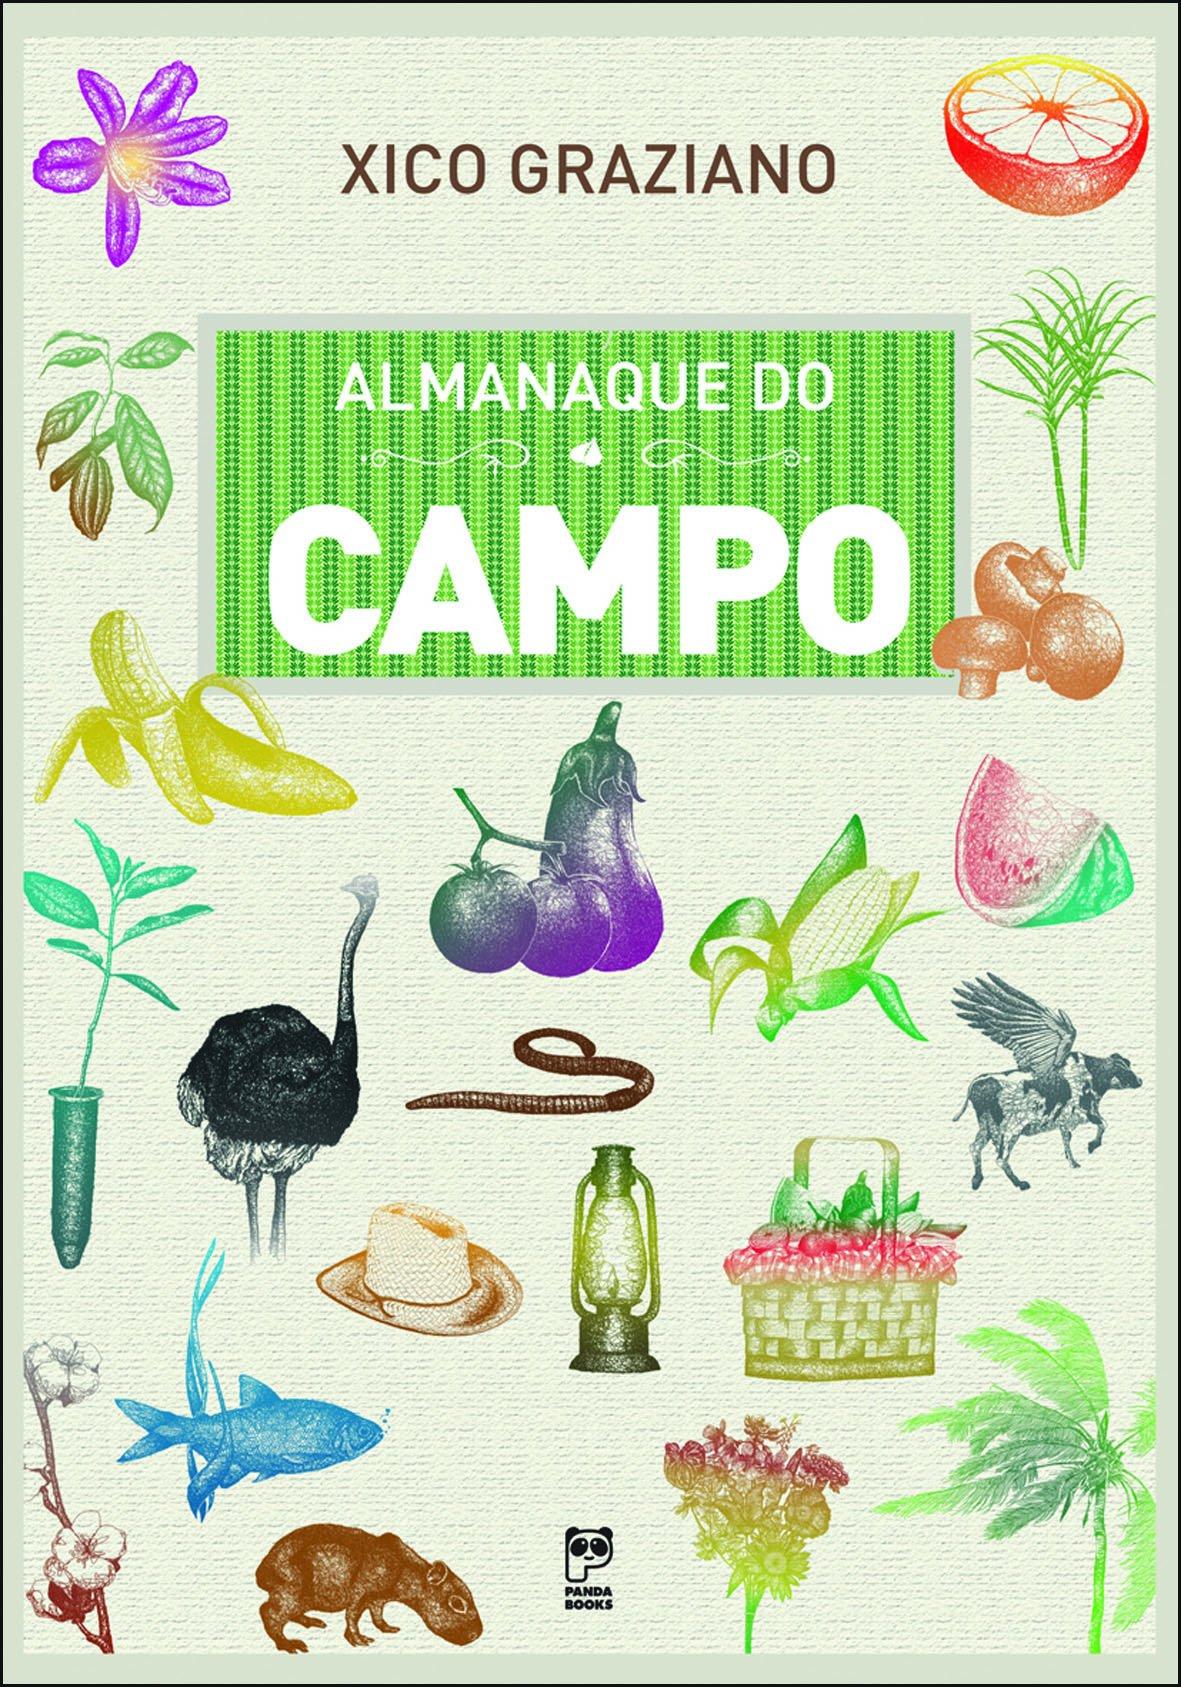 Almanaque Do Campo (Em Portuguese do Brasil): Xico Graziano: 9788578880620: Amazon.com: Books